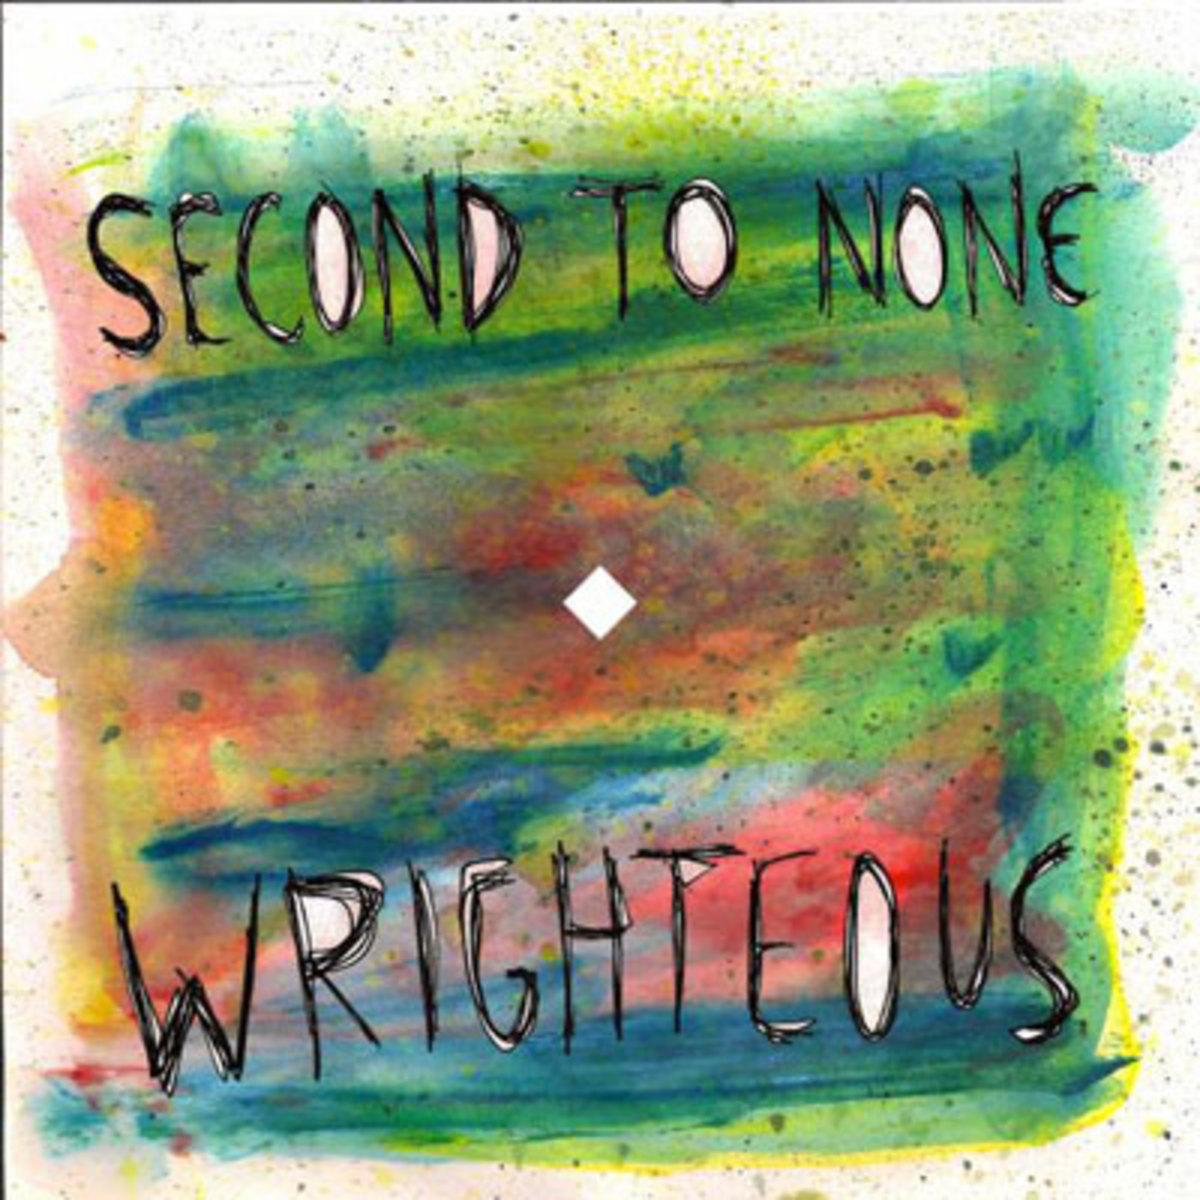 wrighteous-secondtonone.jpg